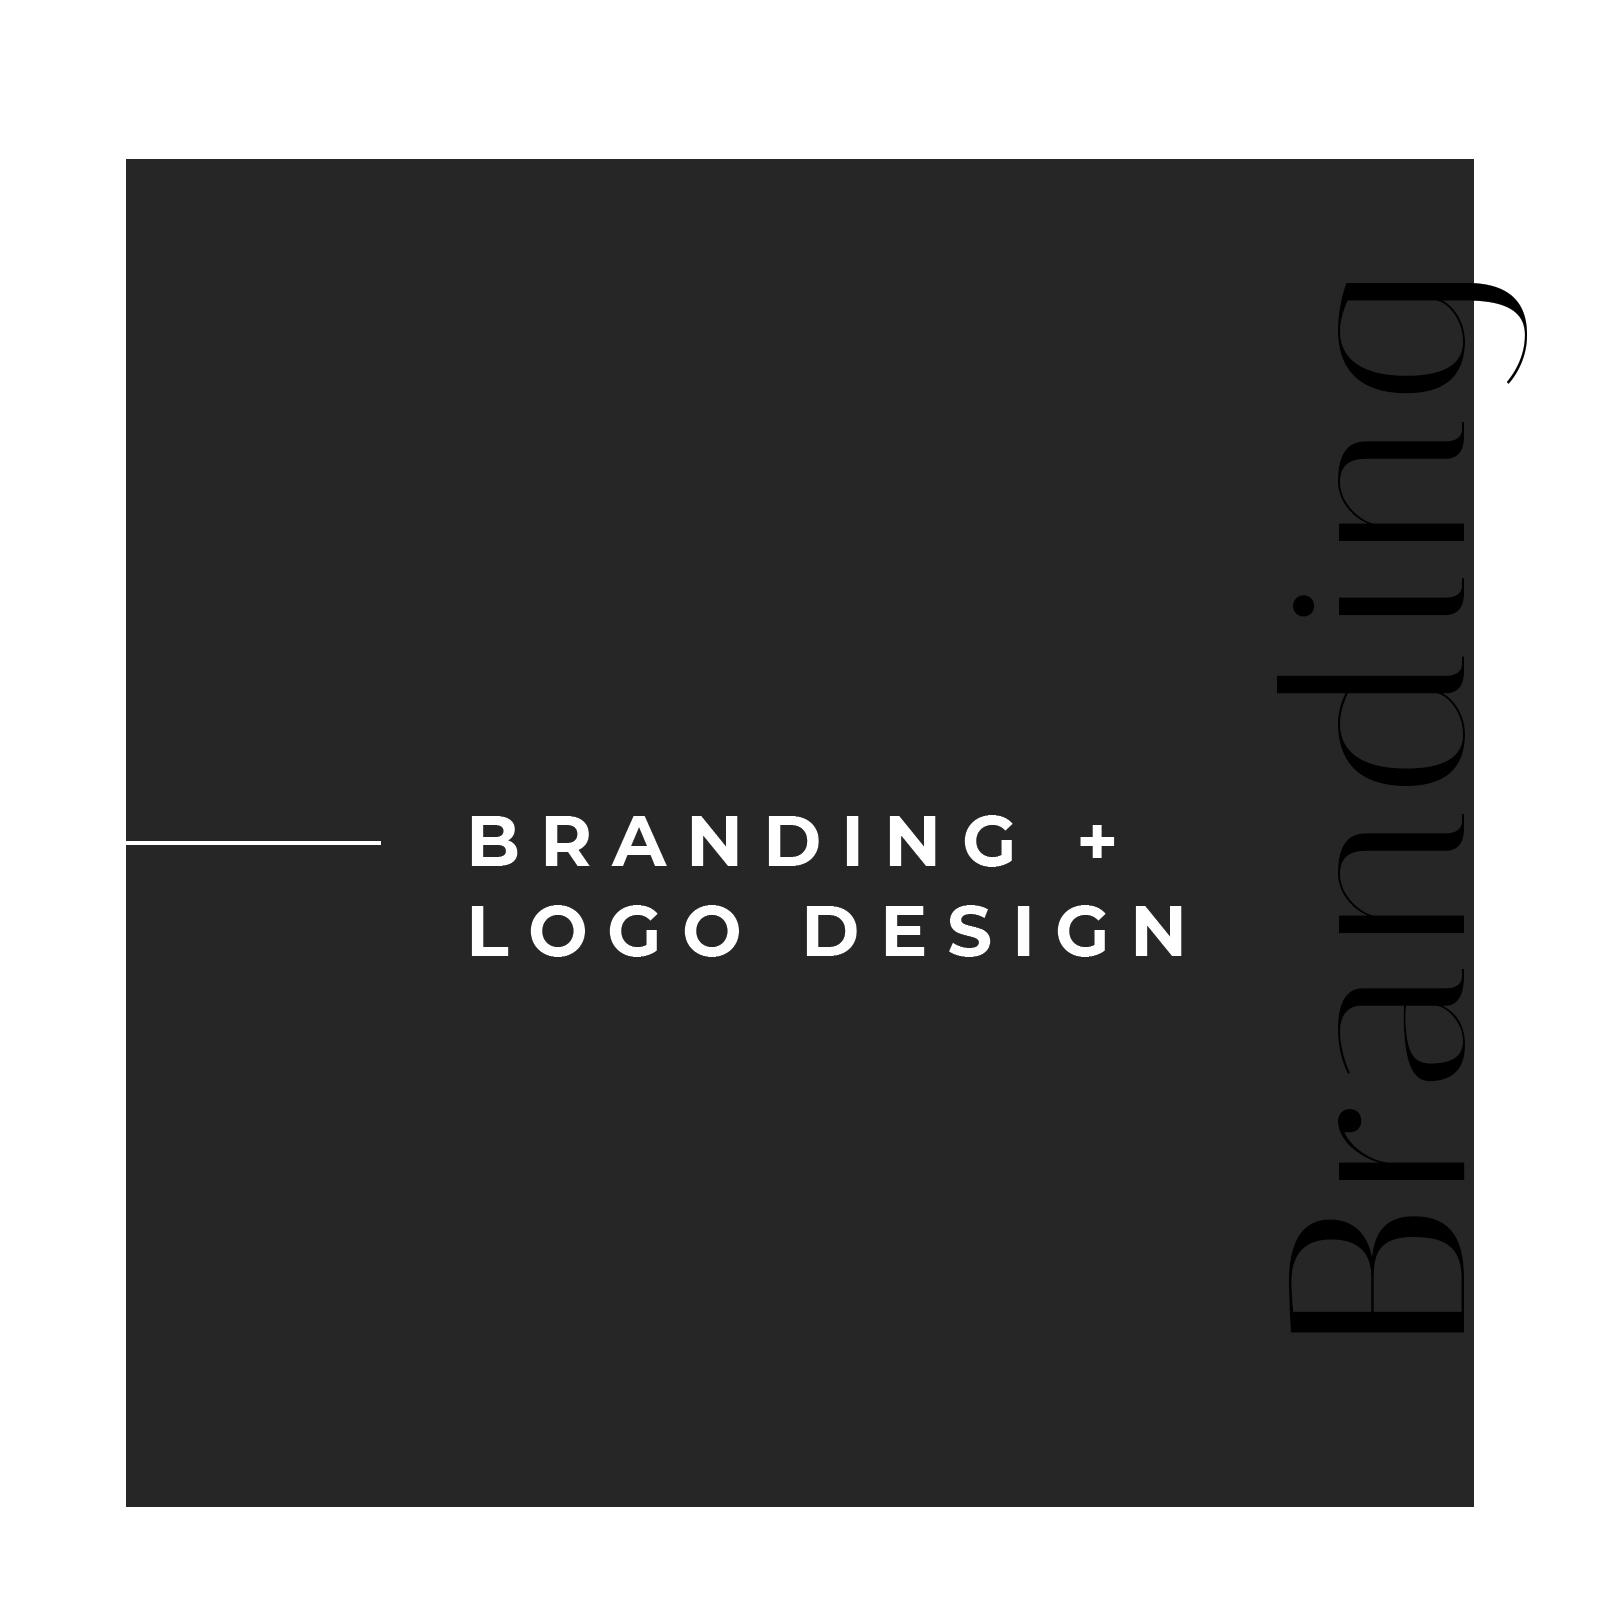 Branding + Logo Design -